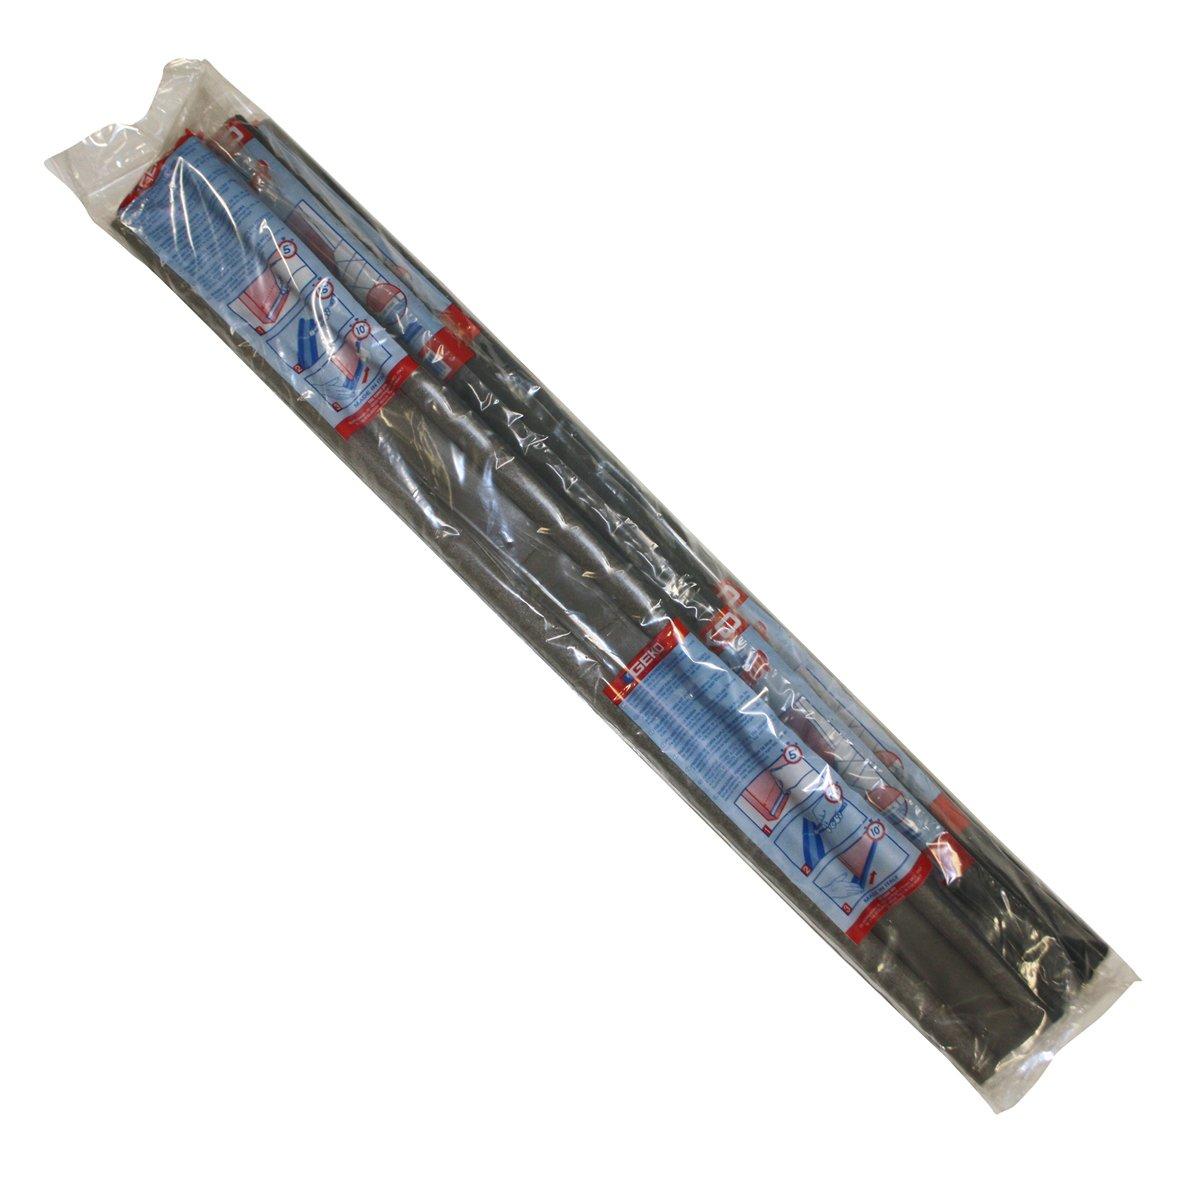 Paraspifferi universale protezione porta da entrambi i lati, ritagliabile su misura Geko colore: Grigio